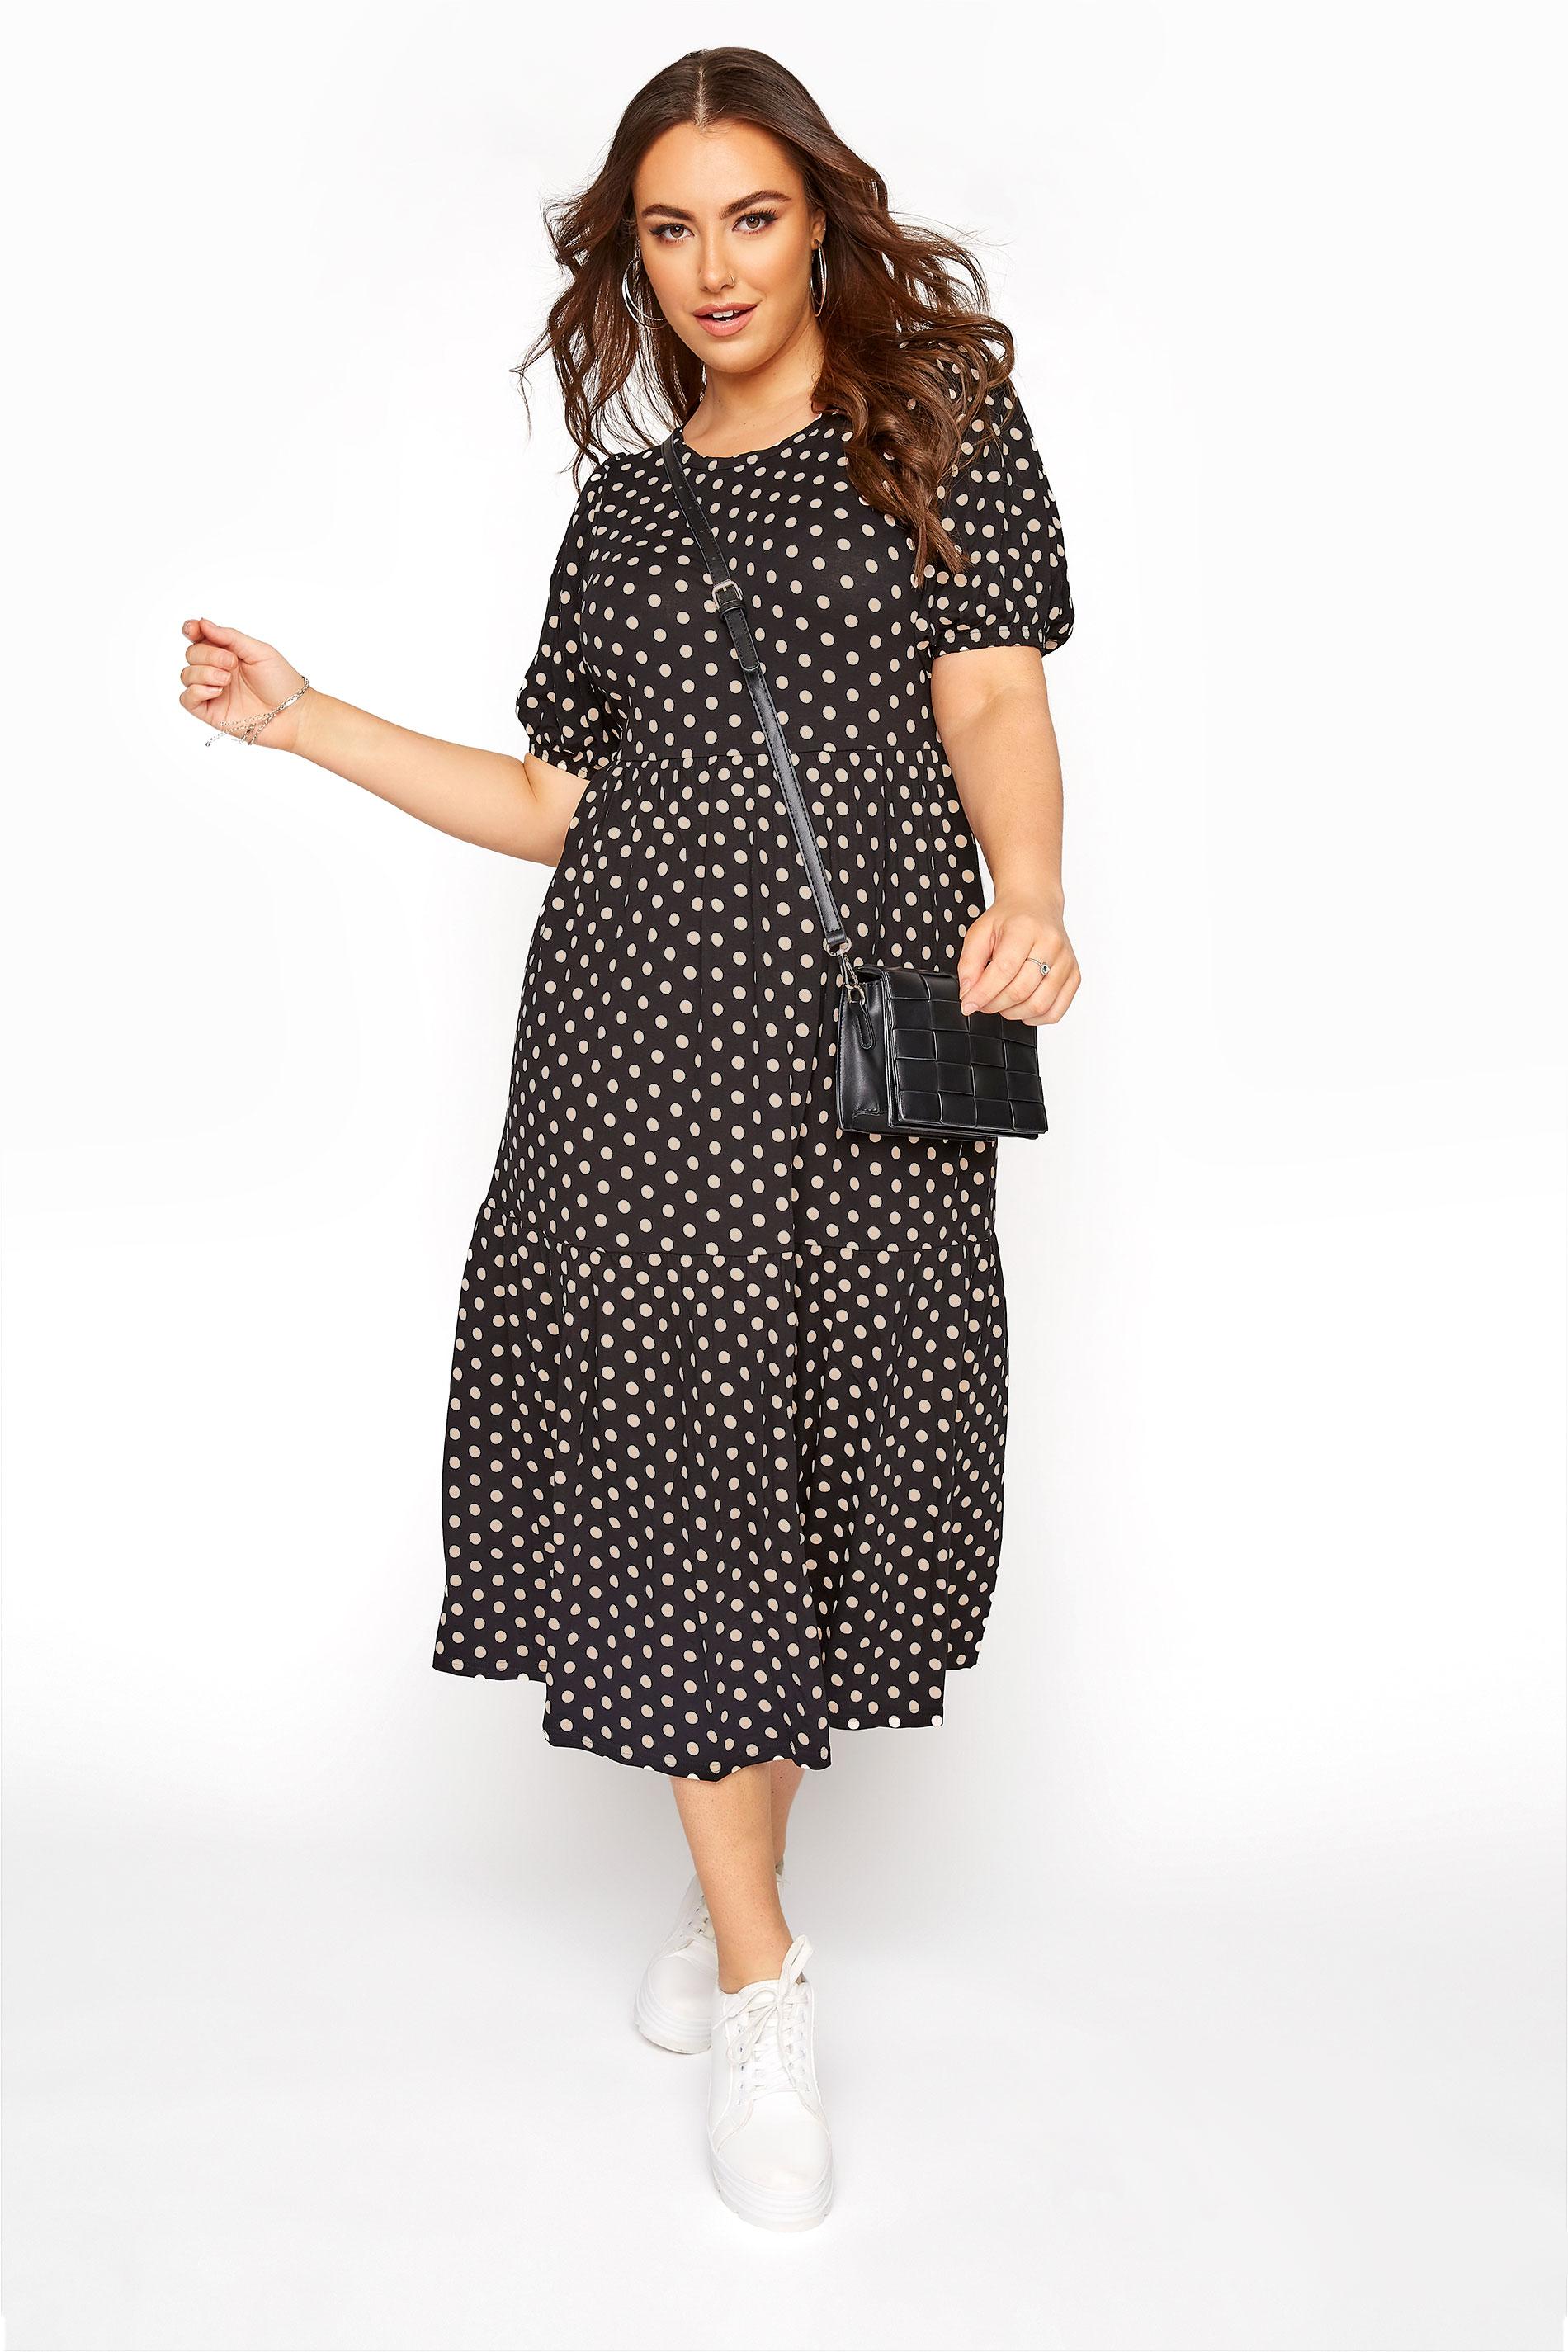 Black Puff Sleeve Polka Dot Midaxi Dress